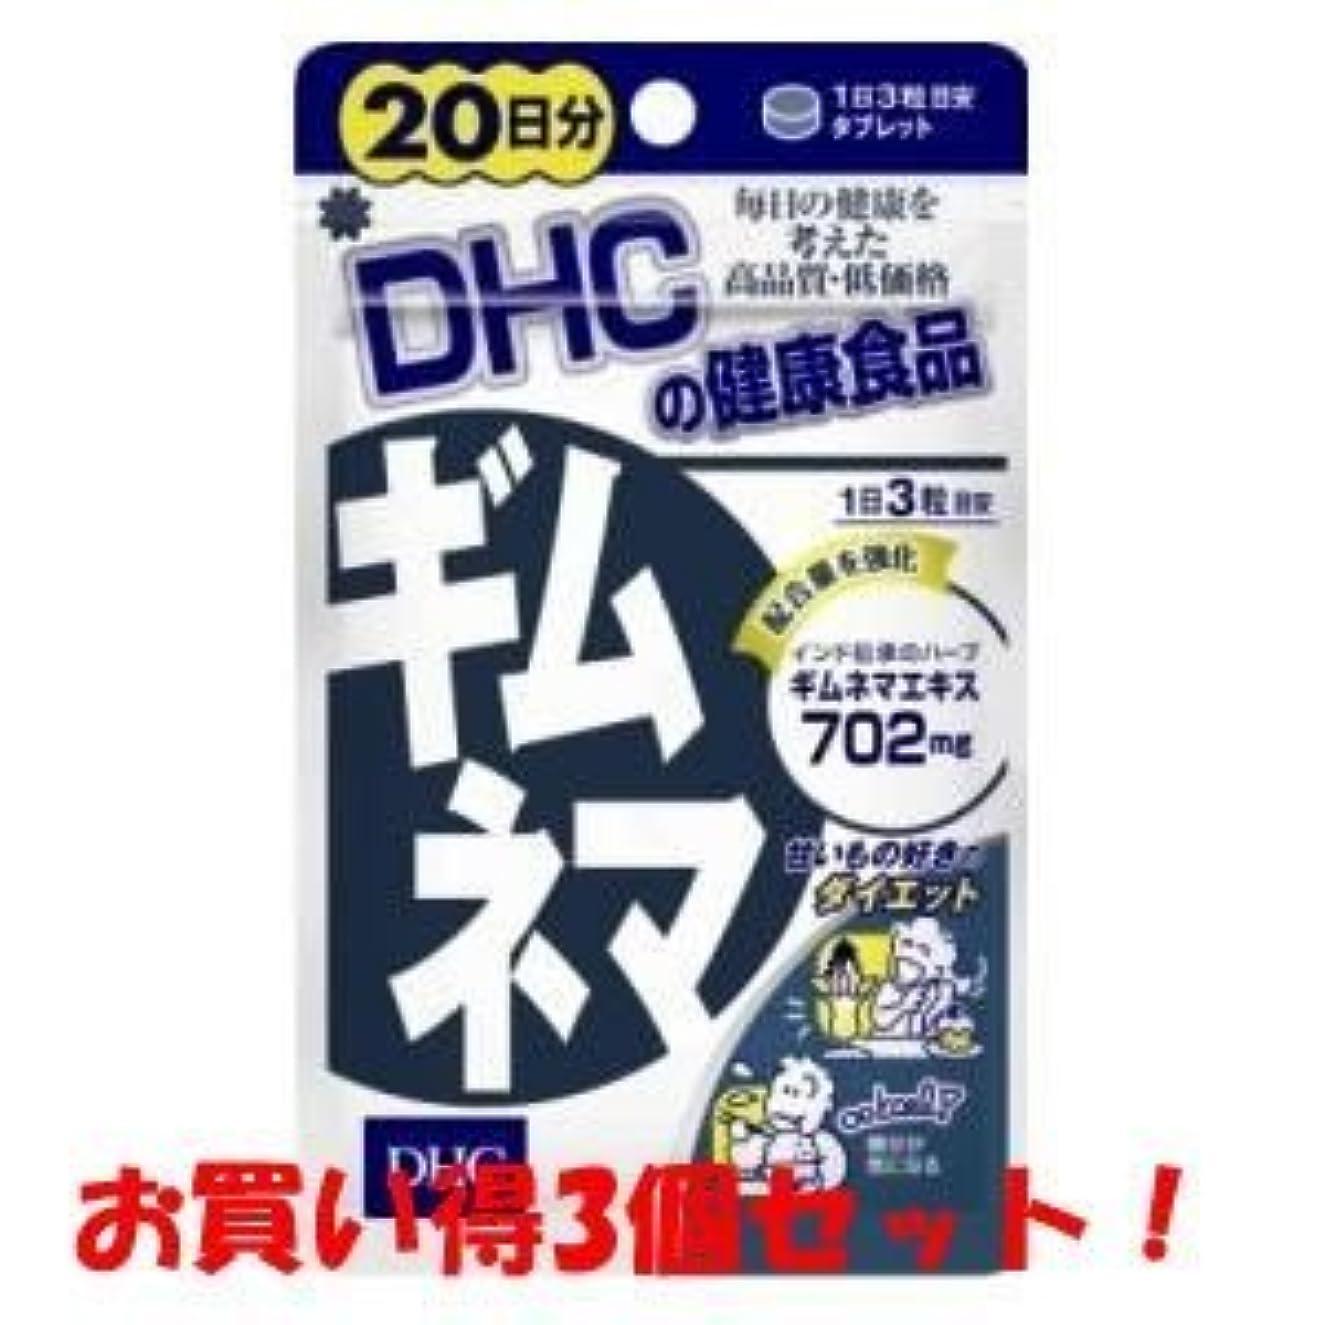 完了支出摩擦DHC ギムネマ 20日分 60粒(お買い得3個セット)